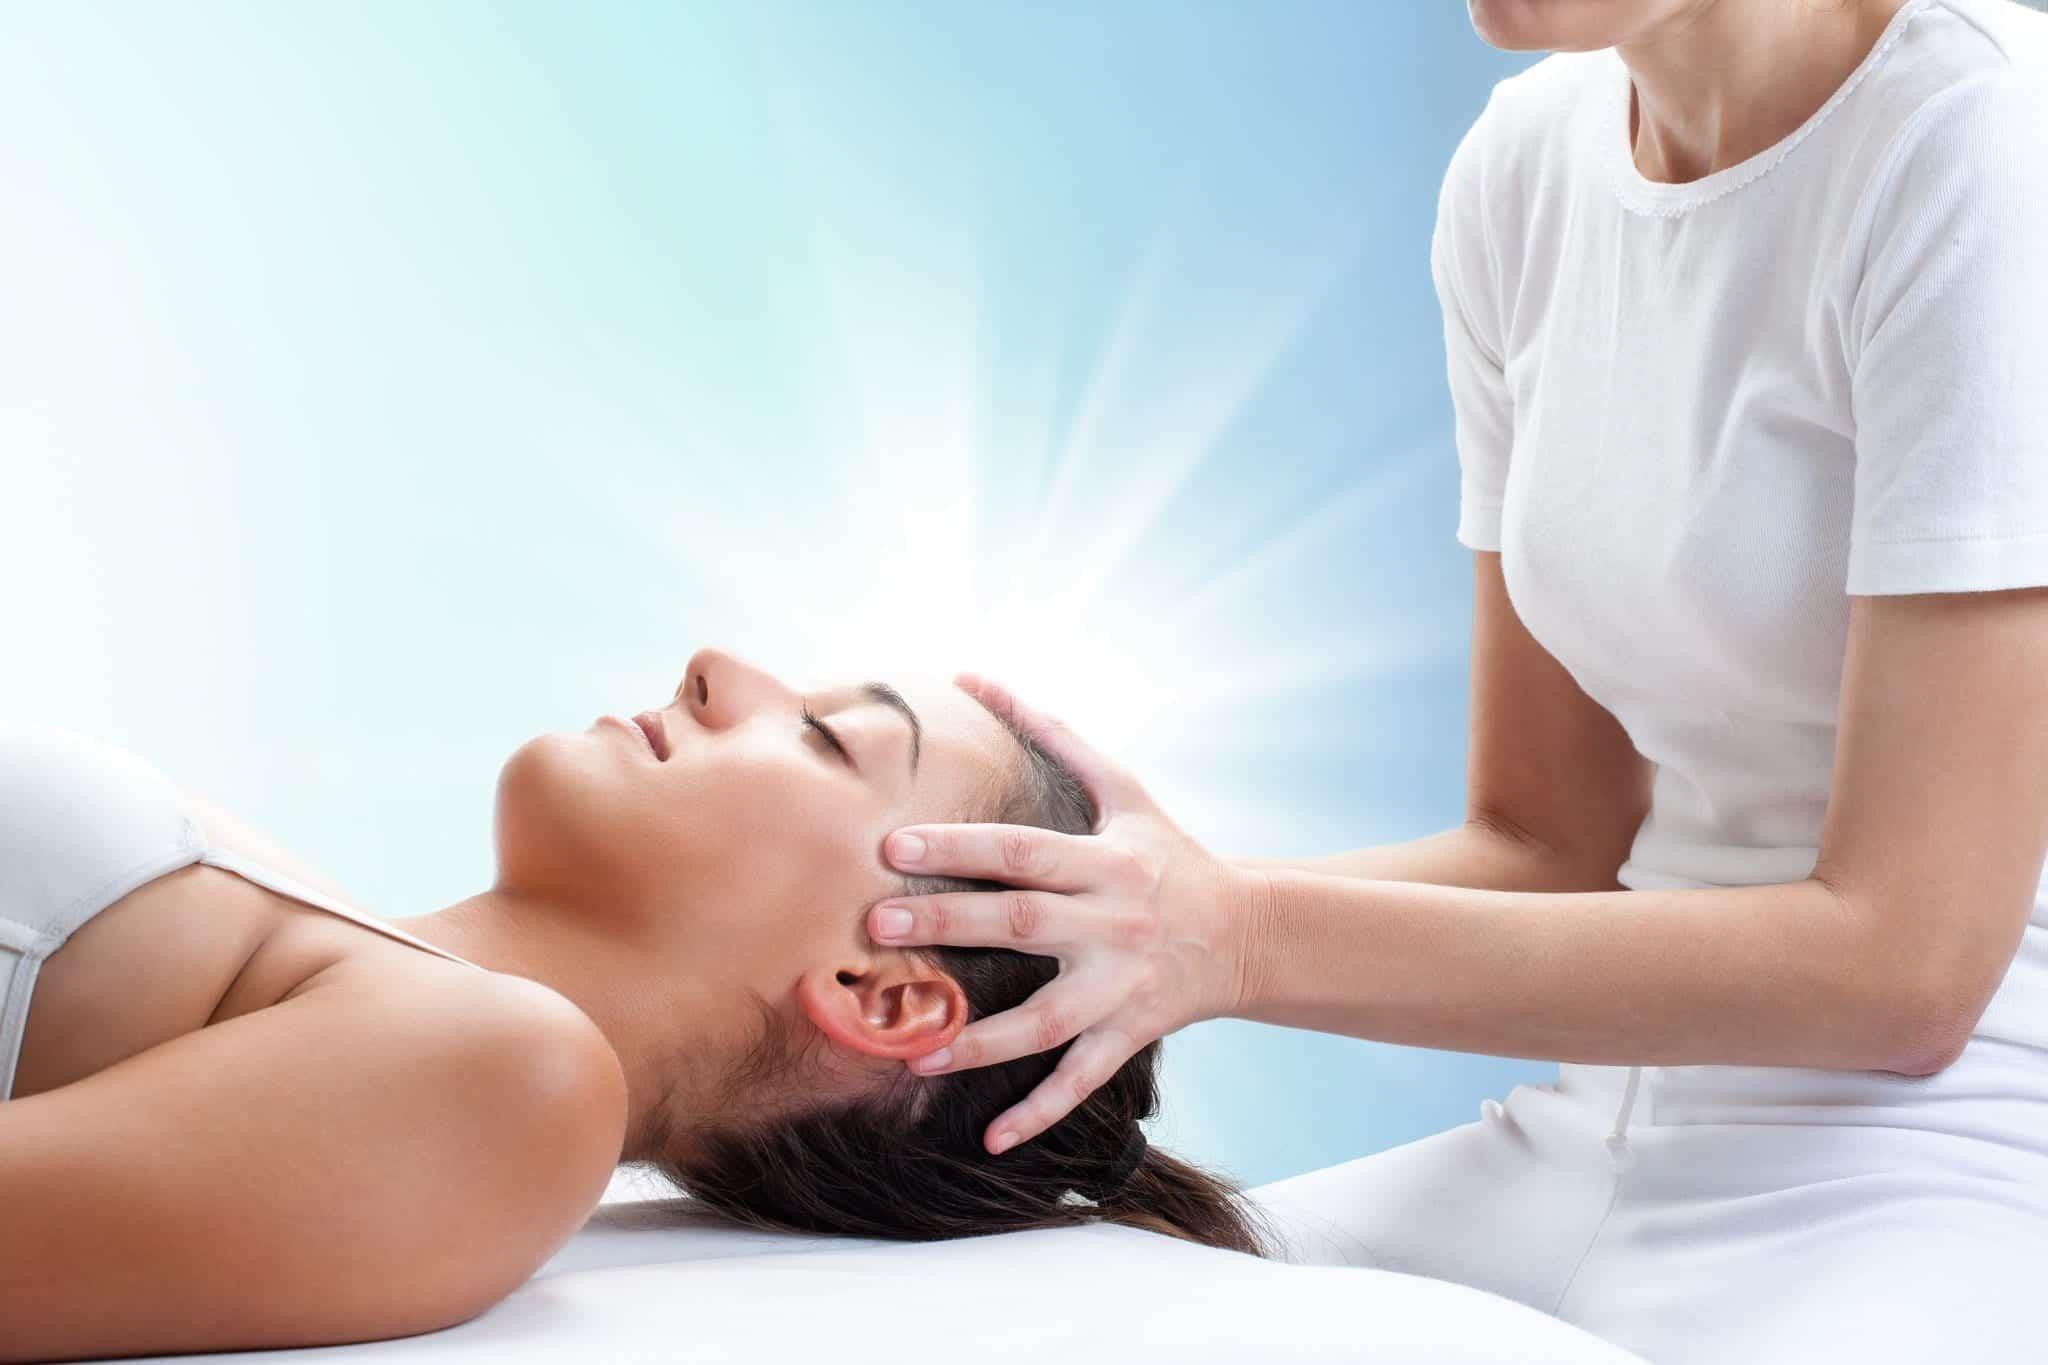 Reiki también se considera una técnica eficaz de reducción del estrés que se integra fácilmente en la medicina convencional y la psicoterapia.